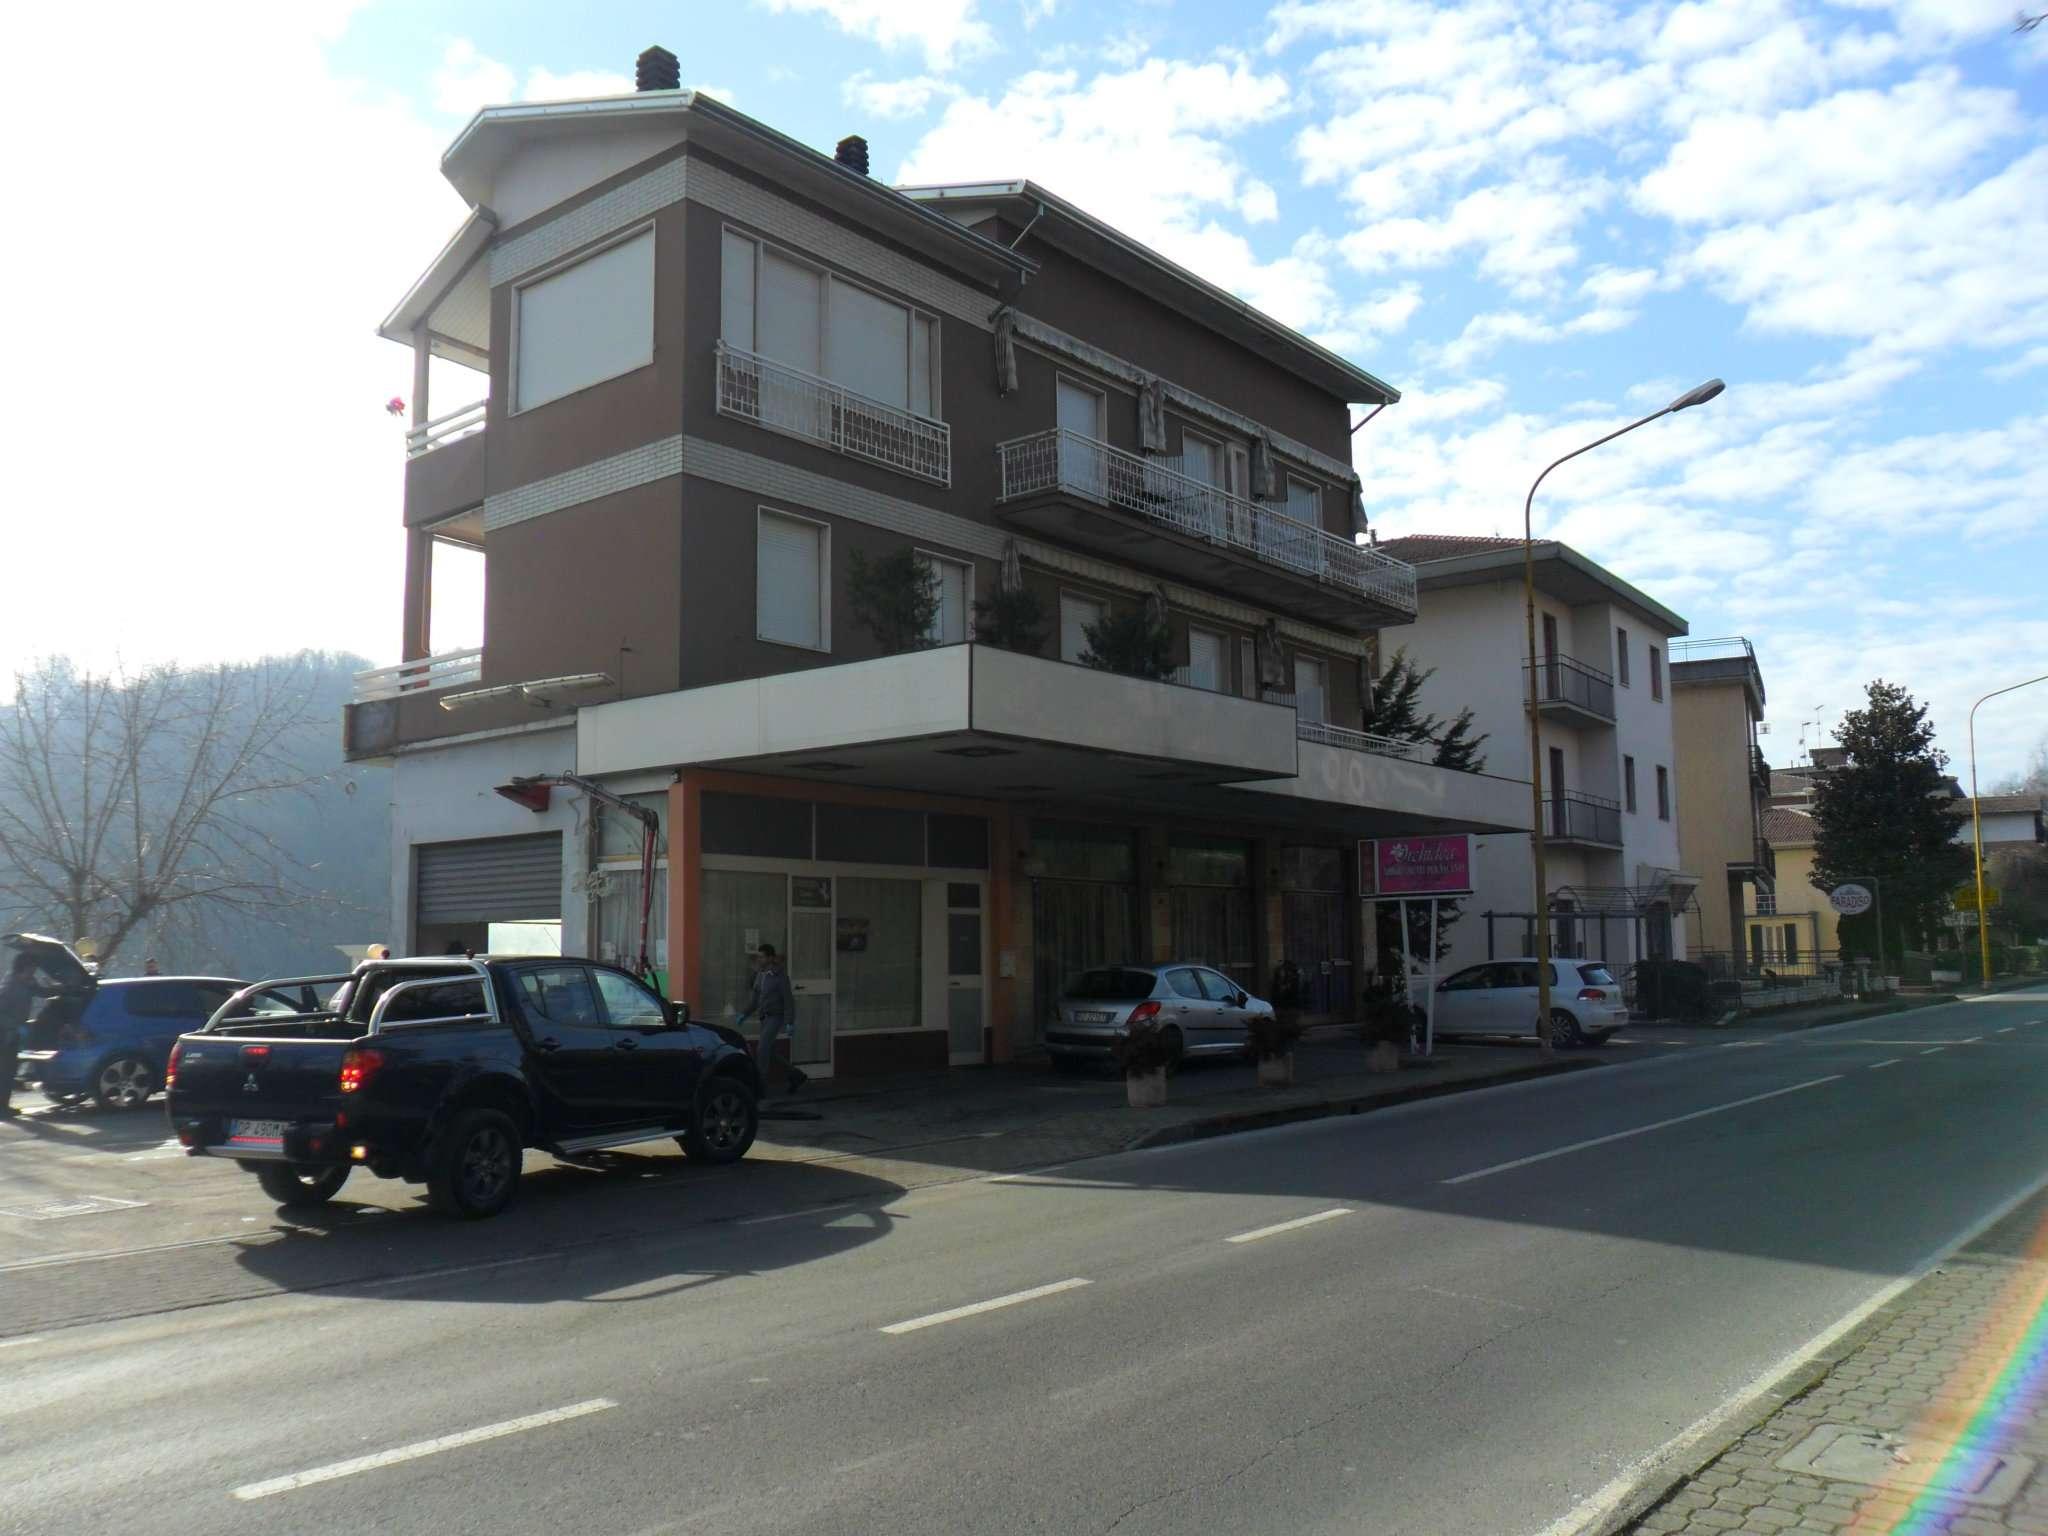 Immobile Commerciale in vendita a Salsomaggiore Terme, 9999 locali, prezzo € 199.000 | Cambio Casa.it